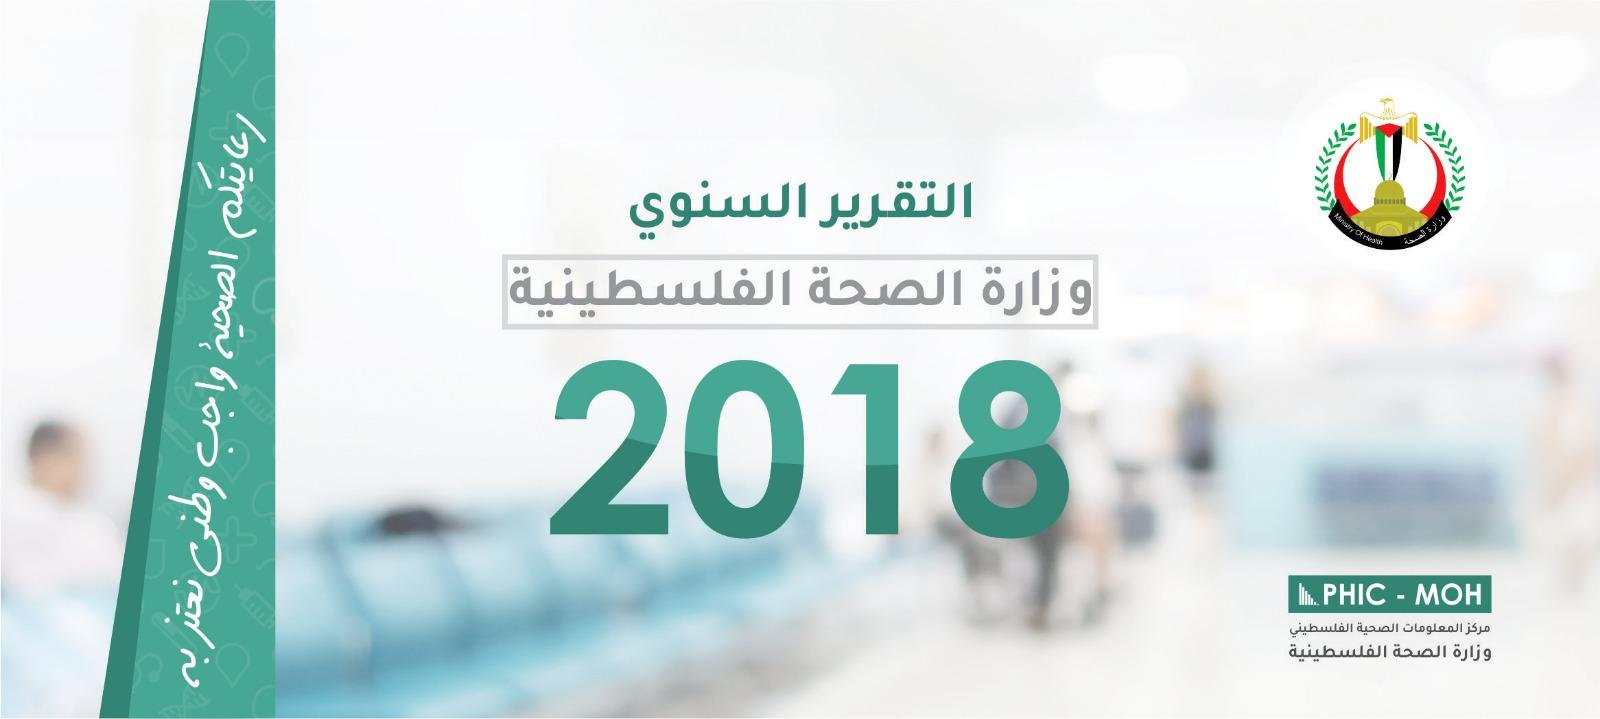 التقرير السنوي الصحي للعام 2018 -مركز المعلومات الصحية غزة